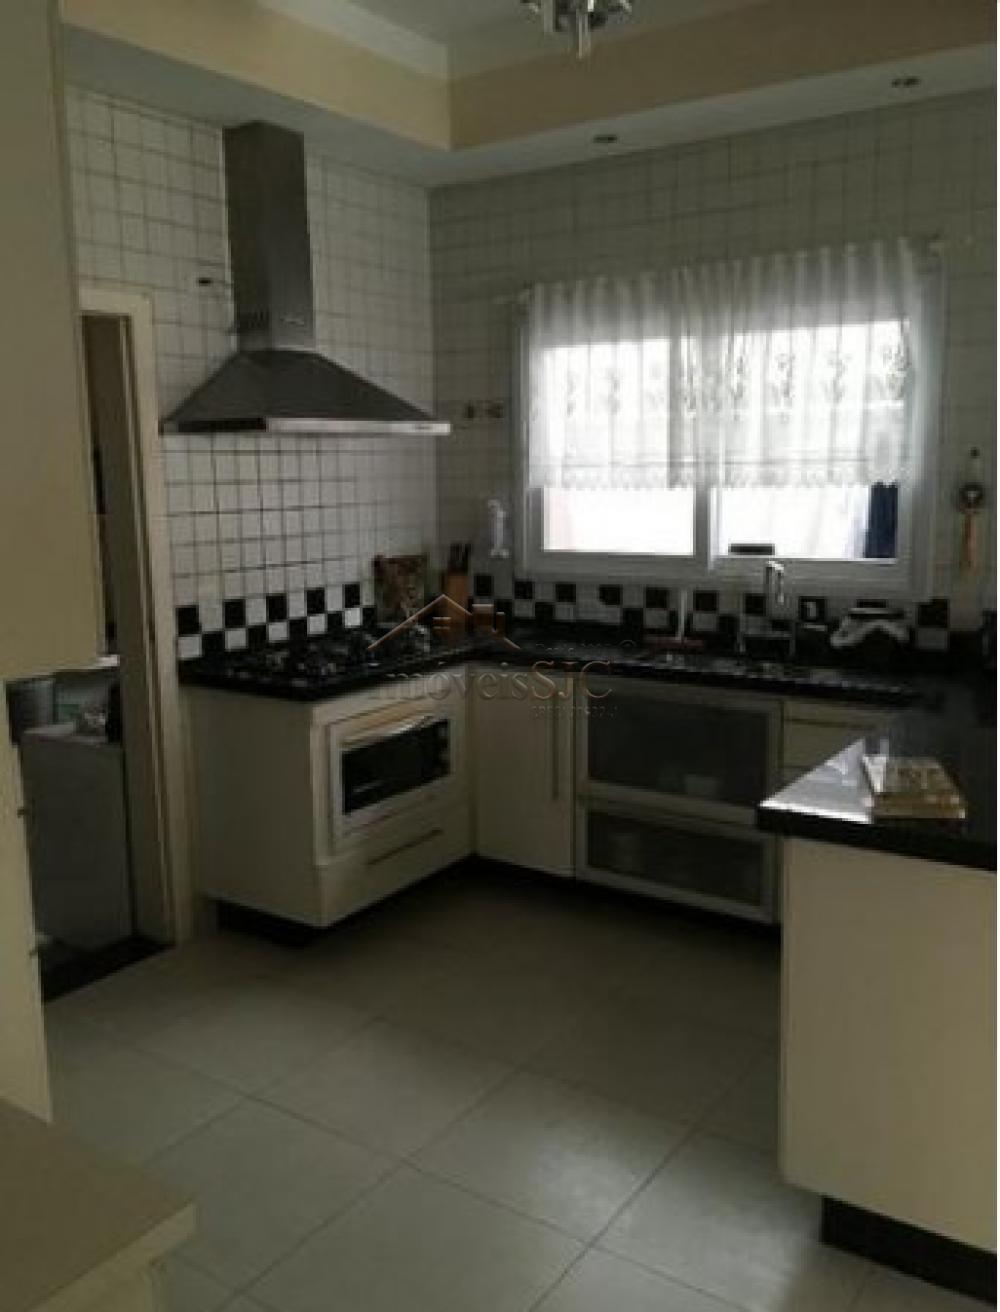 Comprar Casas / Condomínio em São José dos Campos apenas R$ 1.350.000,00 - Foto 7